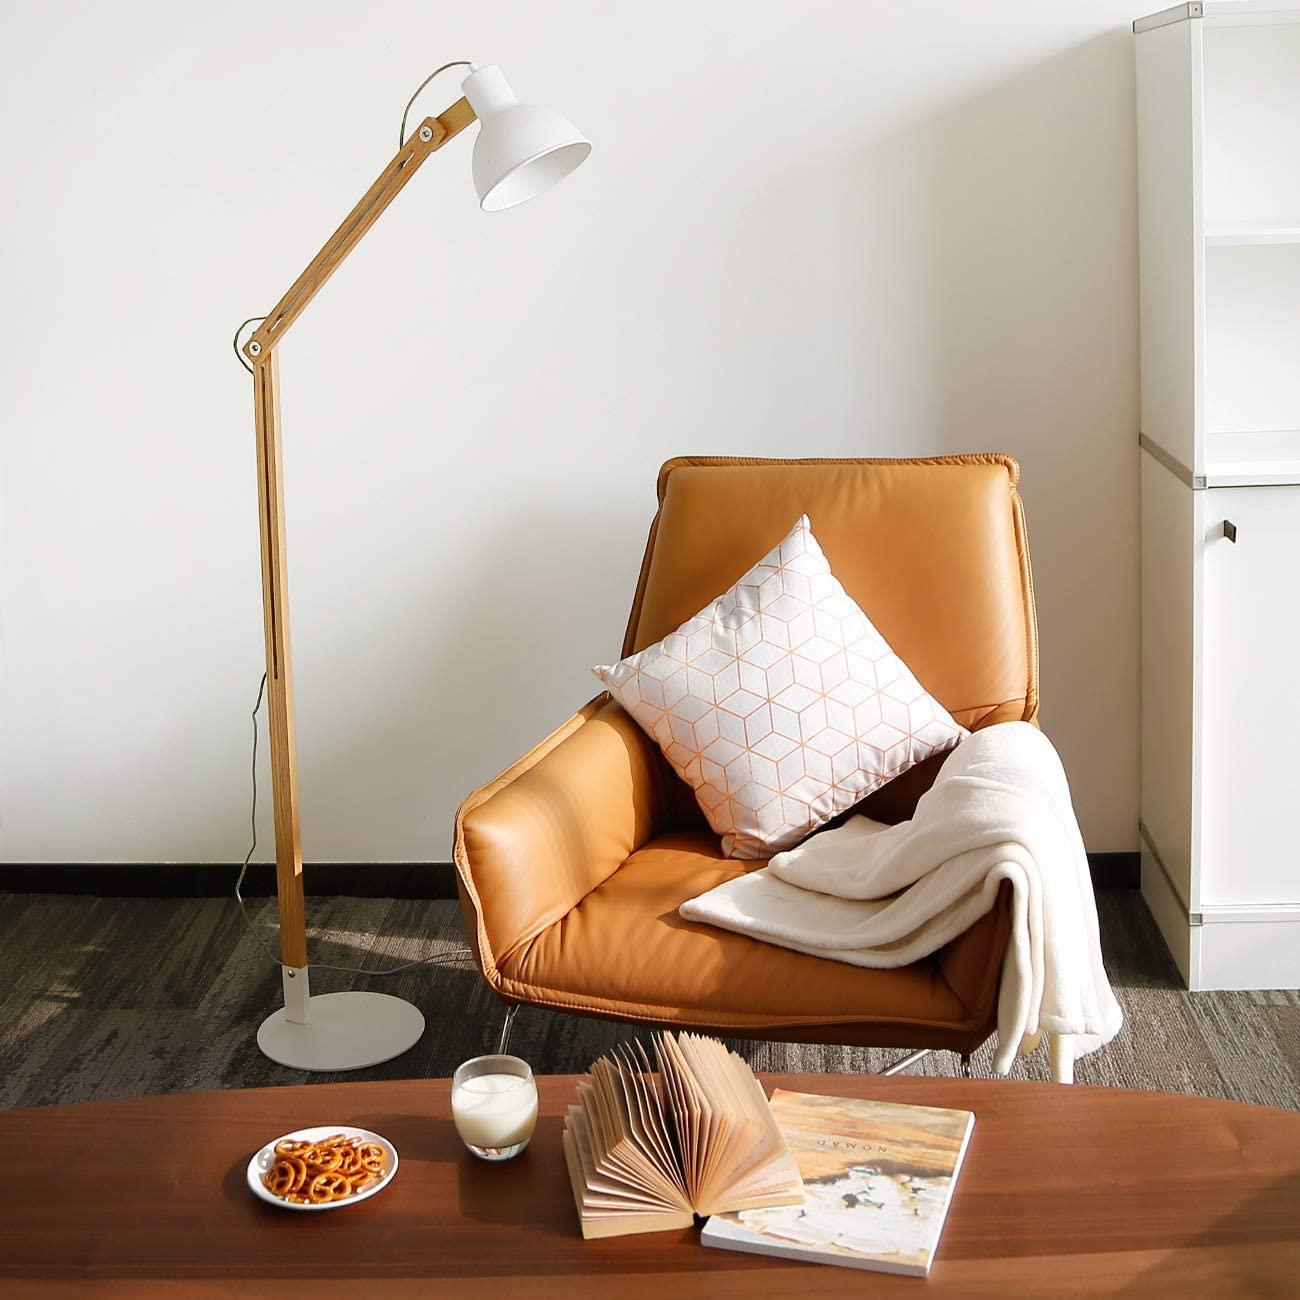 """Tomons lámpara de pie, Cabeza ajustable, madera de goma de la naturaleza, 8W luz blanca caliente del LED, lámpara de 40W E27, 57.8""""altura conveniente para la sala de estar, dormitorio-FL1001 [Clase de eficiencia energética A]"""